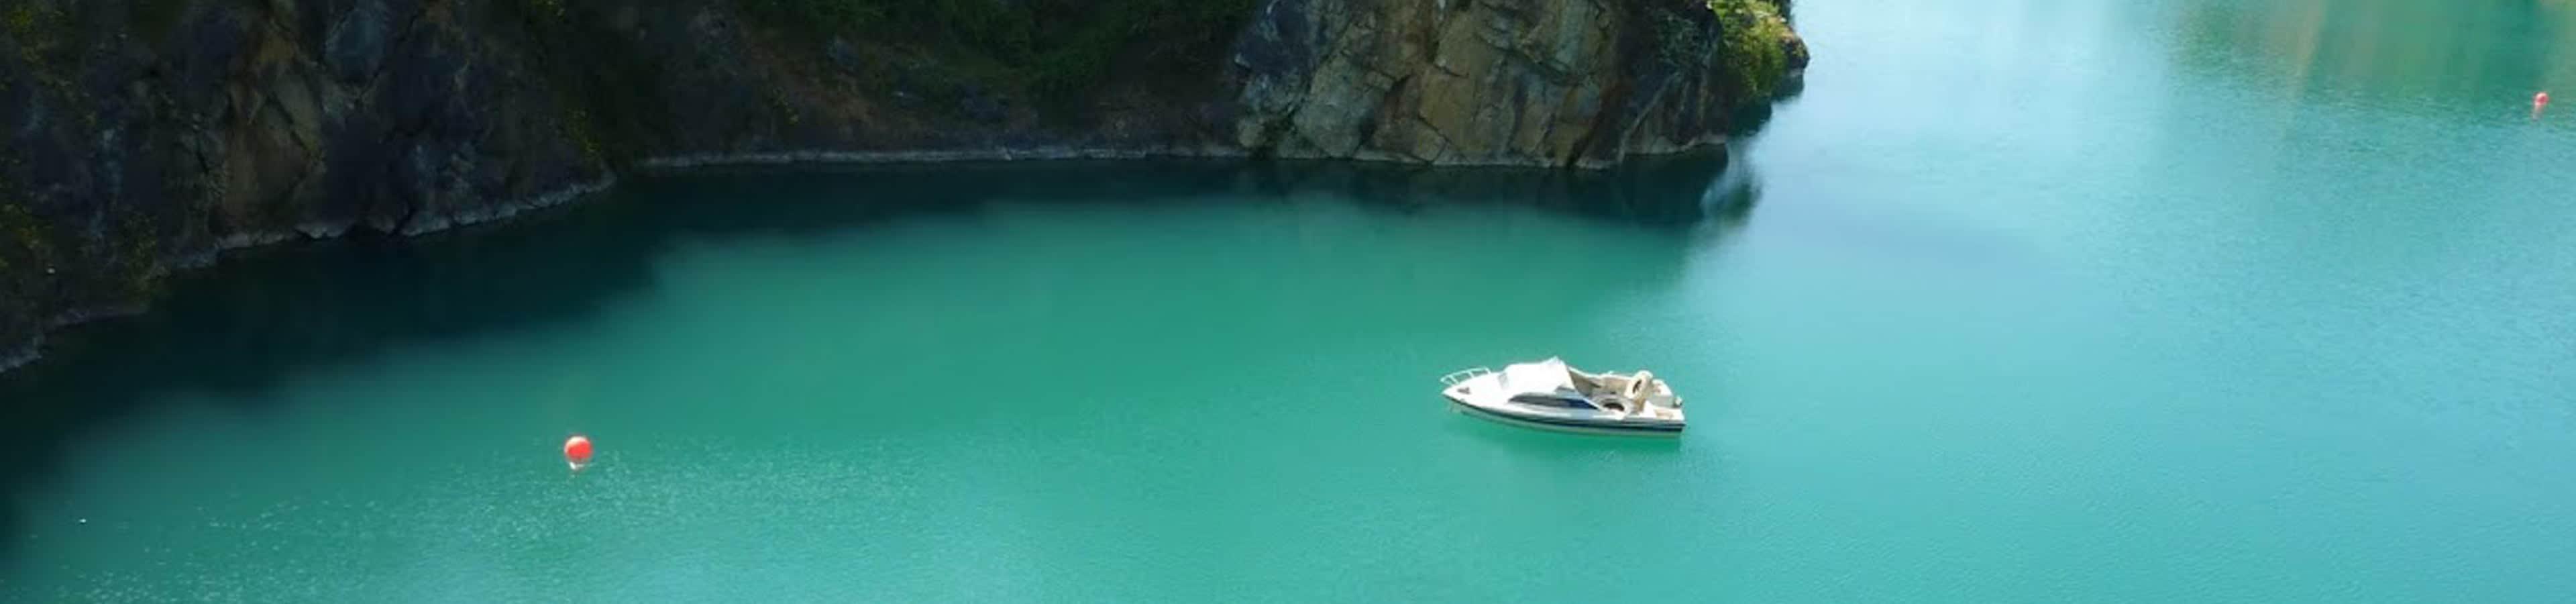 """photos Entdecken die """"Grande Bleue"""" im Kanu"""